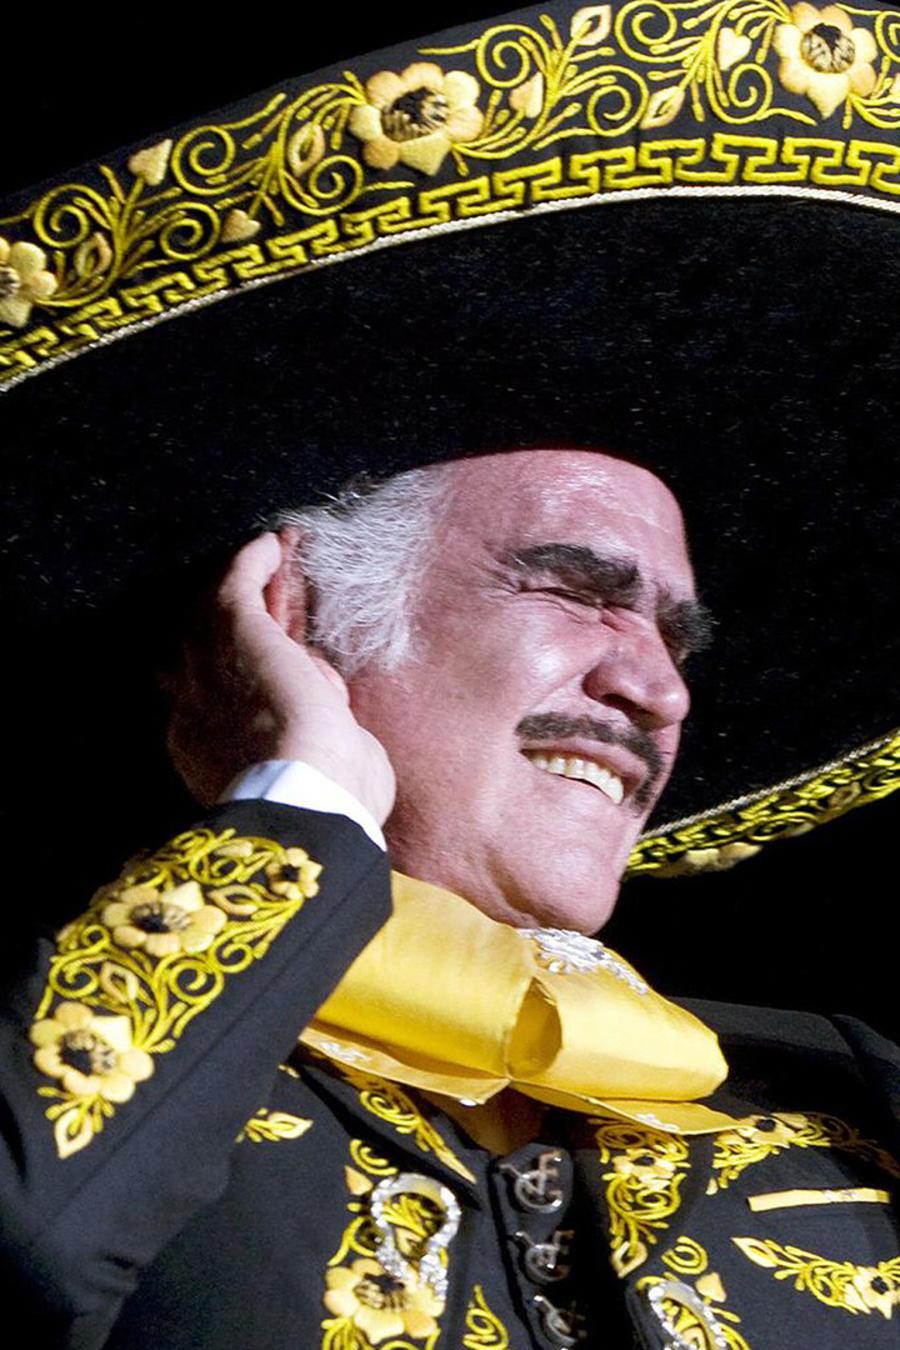 Vicente Fernández durante una presentación en Guadalajara, en 2008.